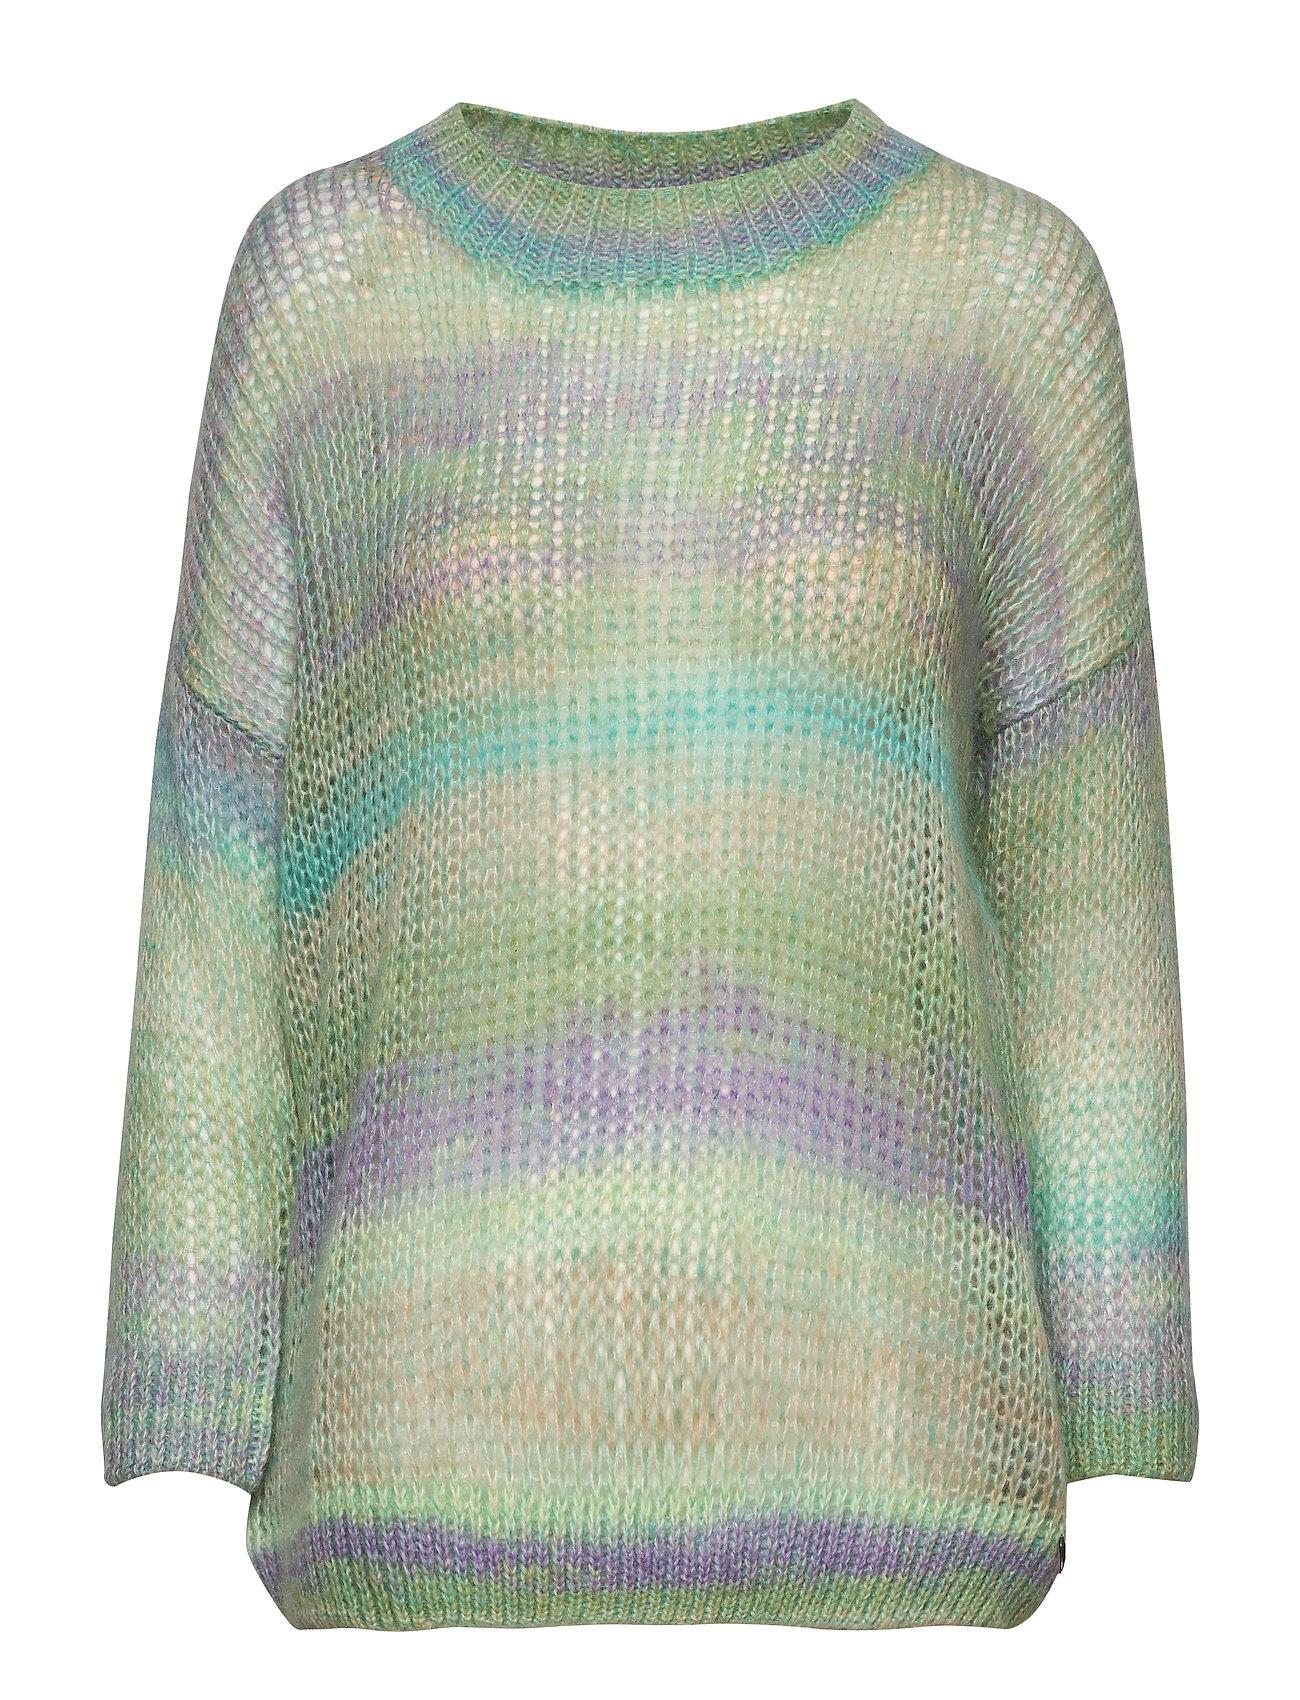 Coster Copenhagen Sweater in o-neck w. short sleeves - MULTI PASTEL